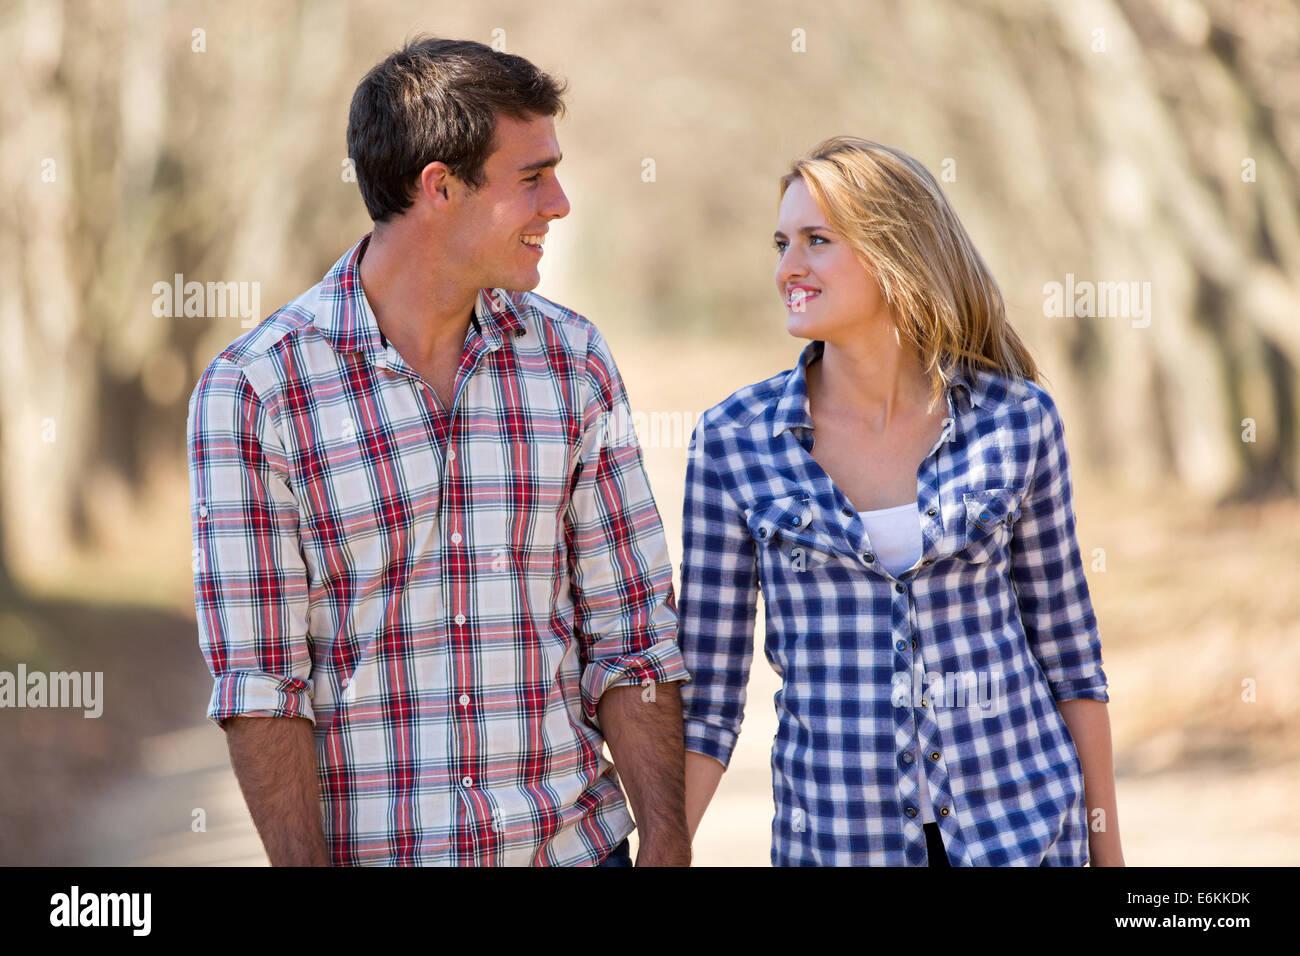 Cheerful young couple bénéficiant d'une promenade à l'automne Photo Stock